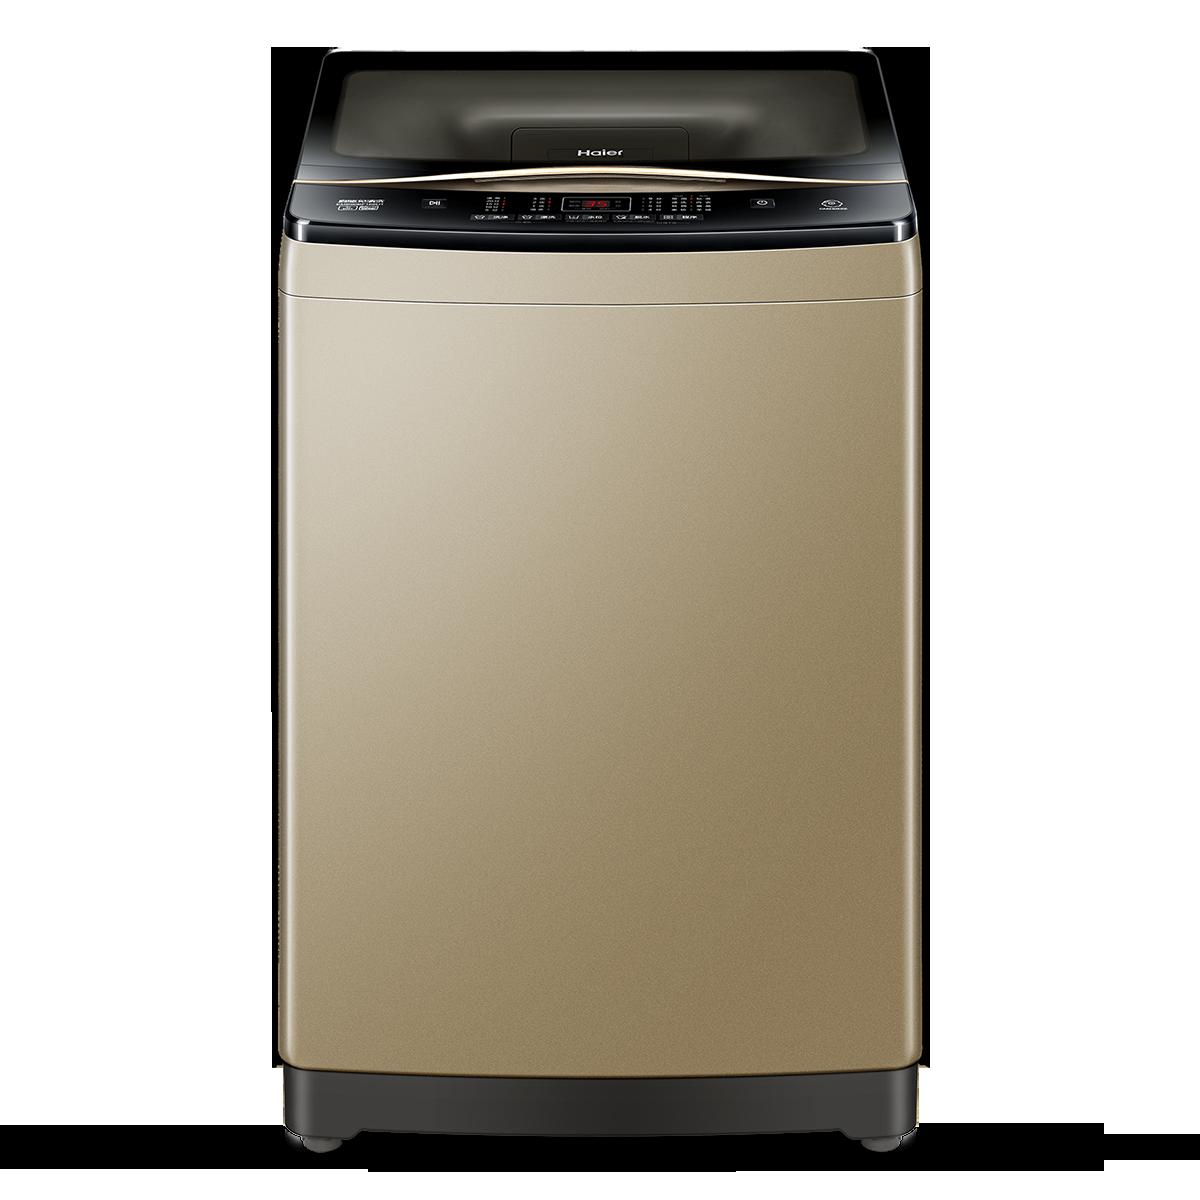 海尔Haier洗衣机 EMB90BF169U1 说明书